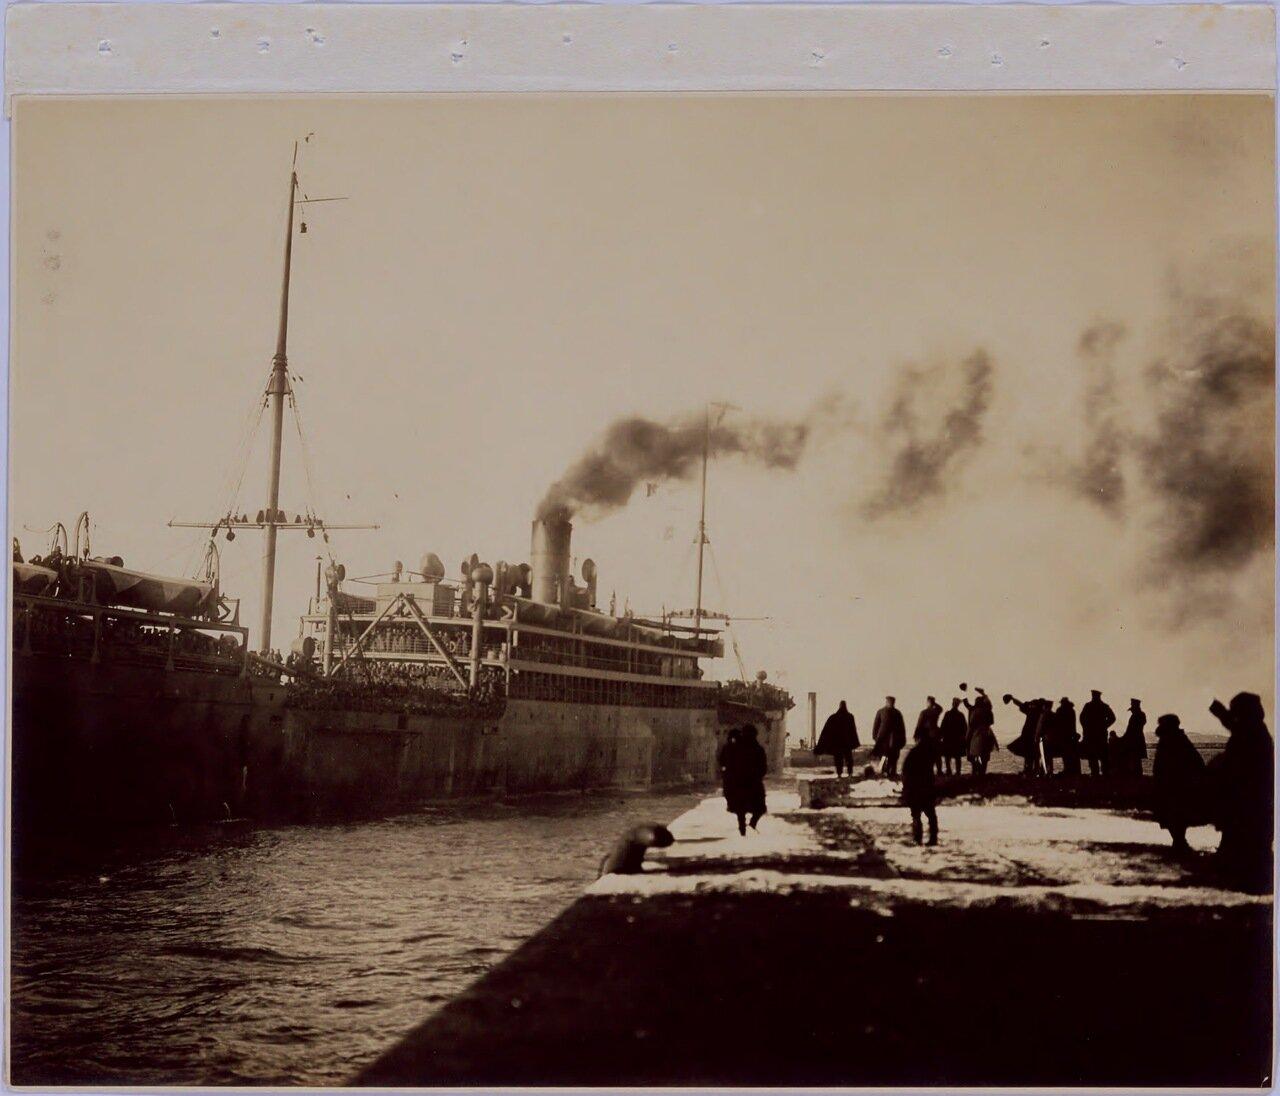 Пароход Sondai отошел вечером 15 марта, сопровождаемый лоцманским катером. «Ура» кричали на корабле и «Банзай» на пирсе